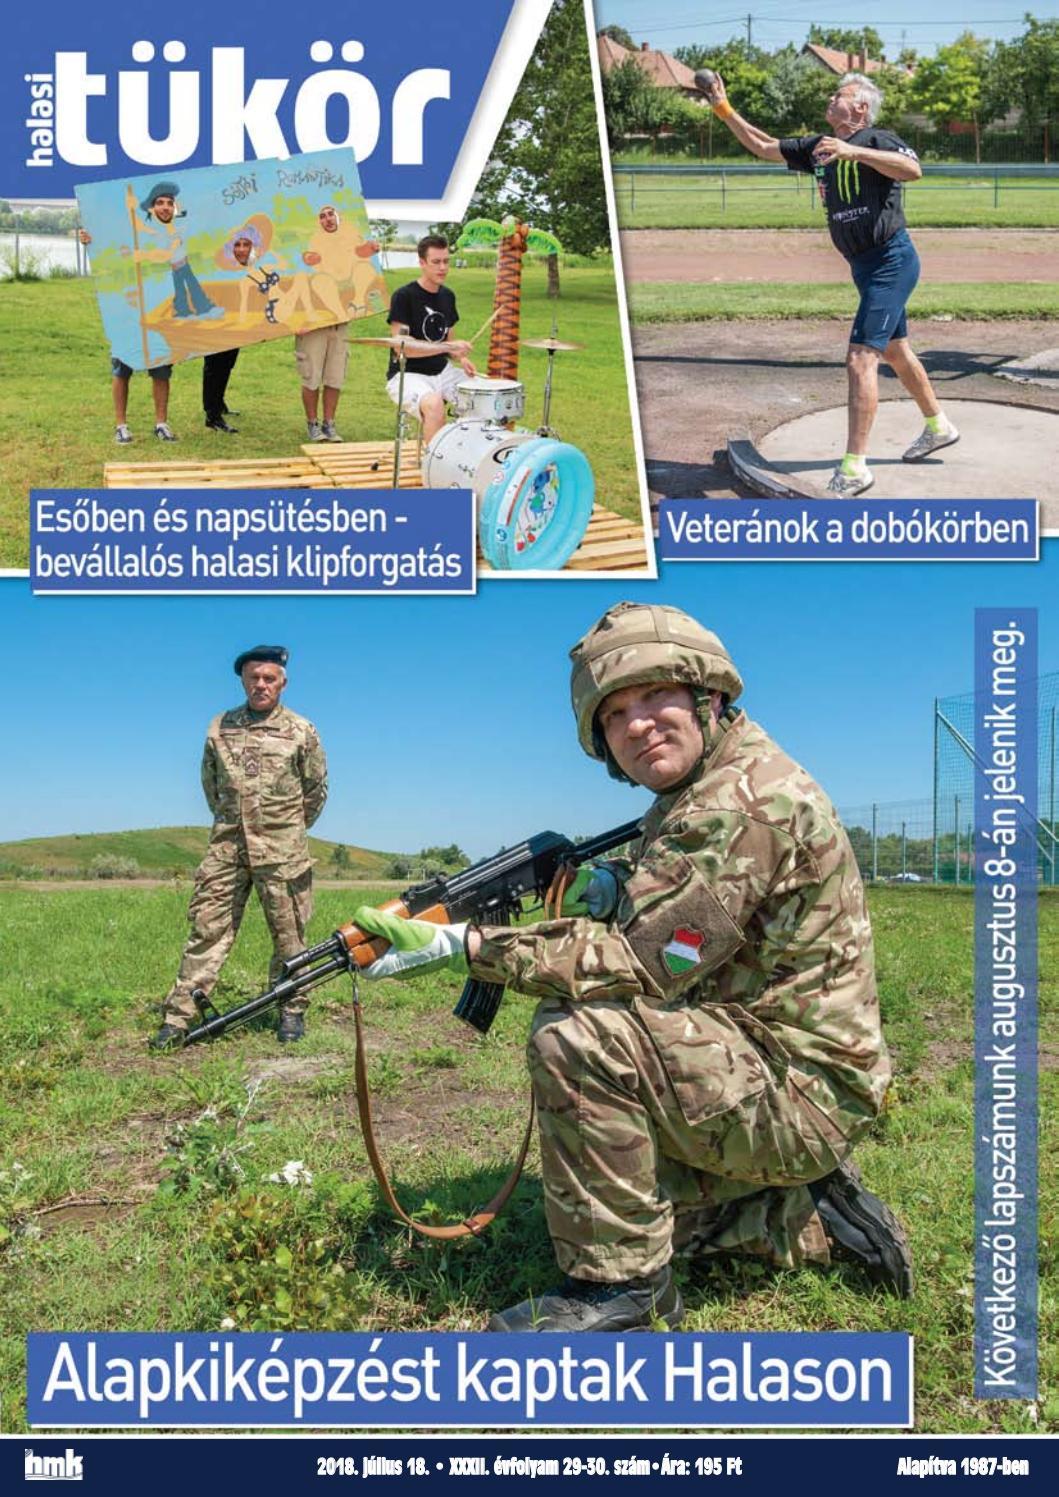 minket katonai randevú Németországban társkereső ügynökségek észak-devon